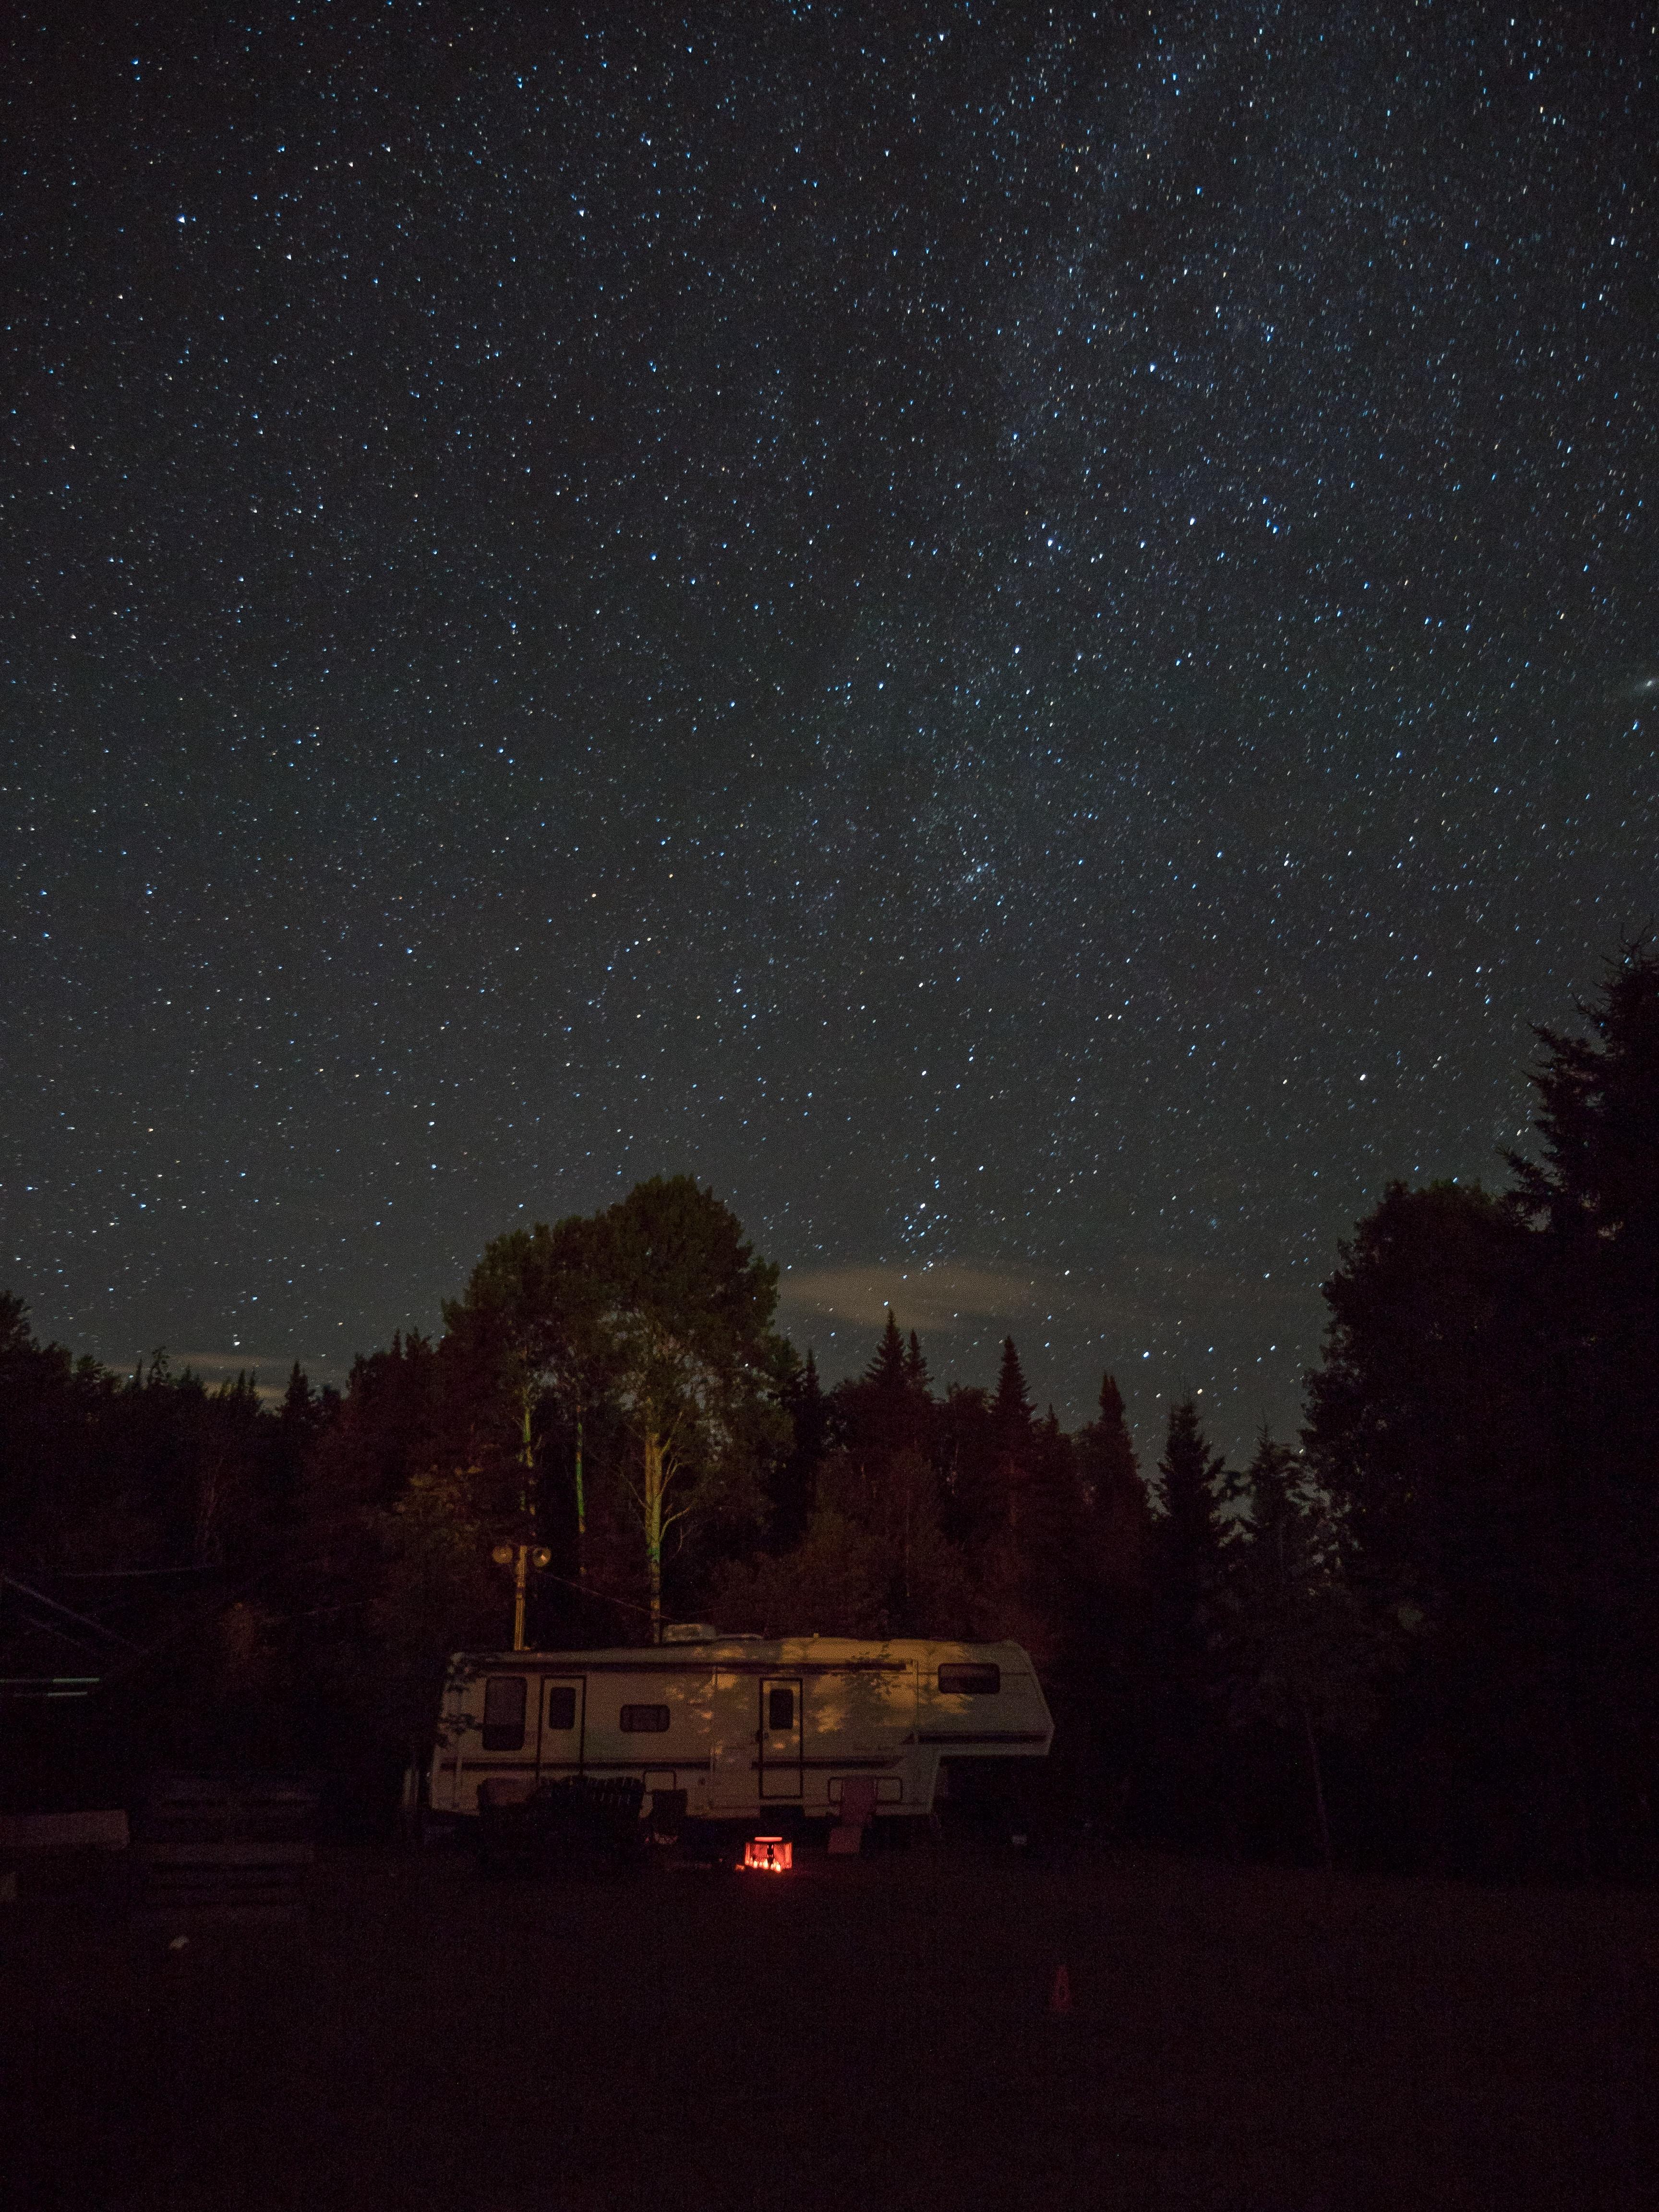 An RV parked near a forest under a starry evening sky